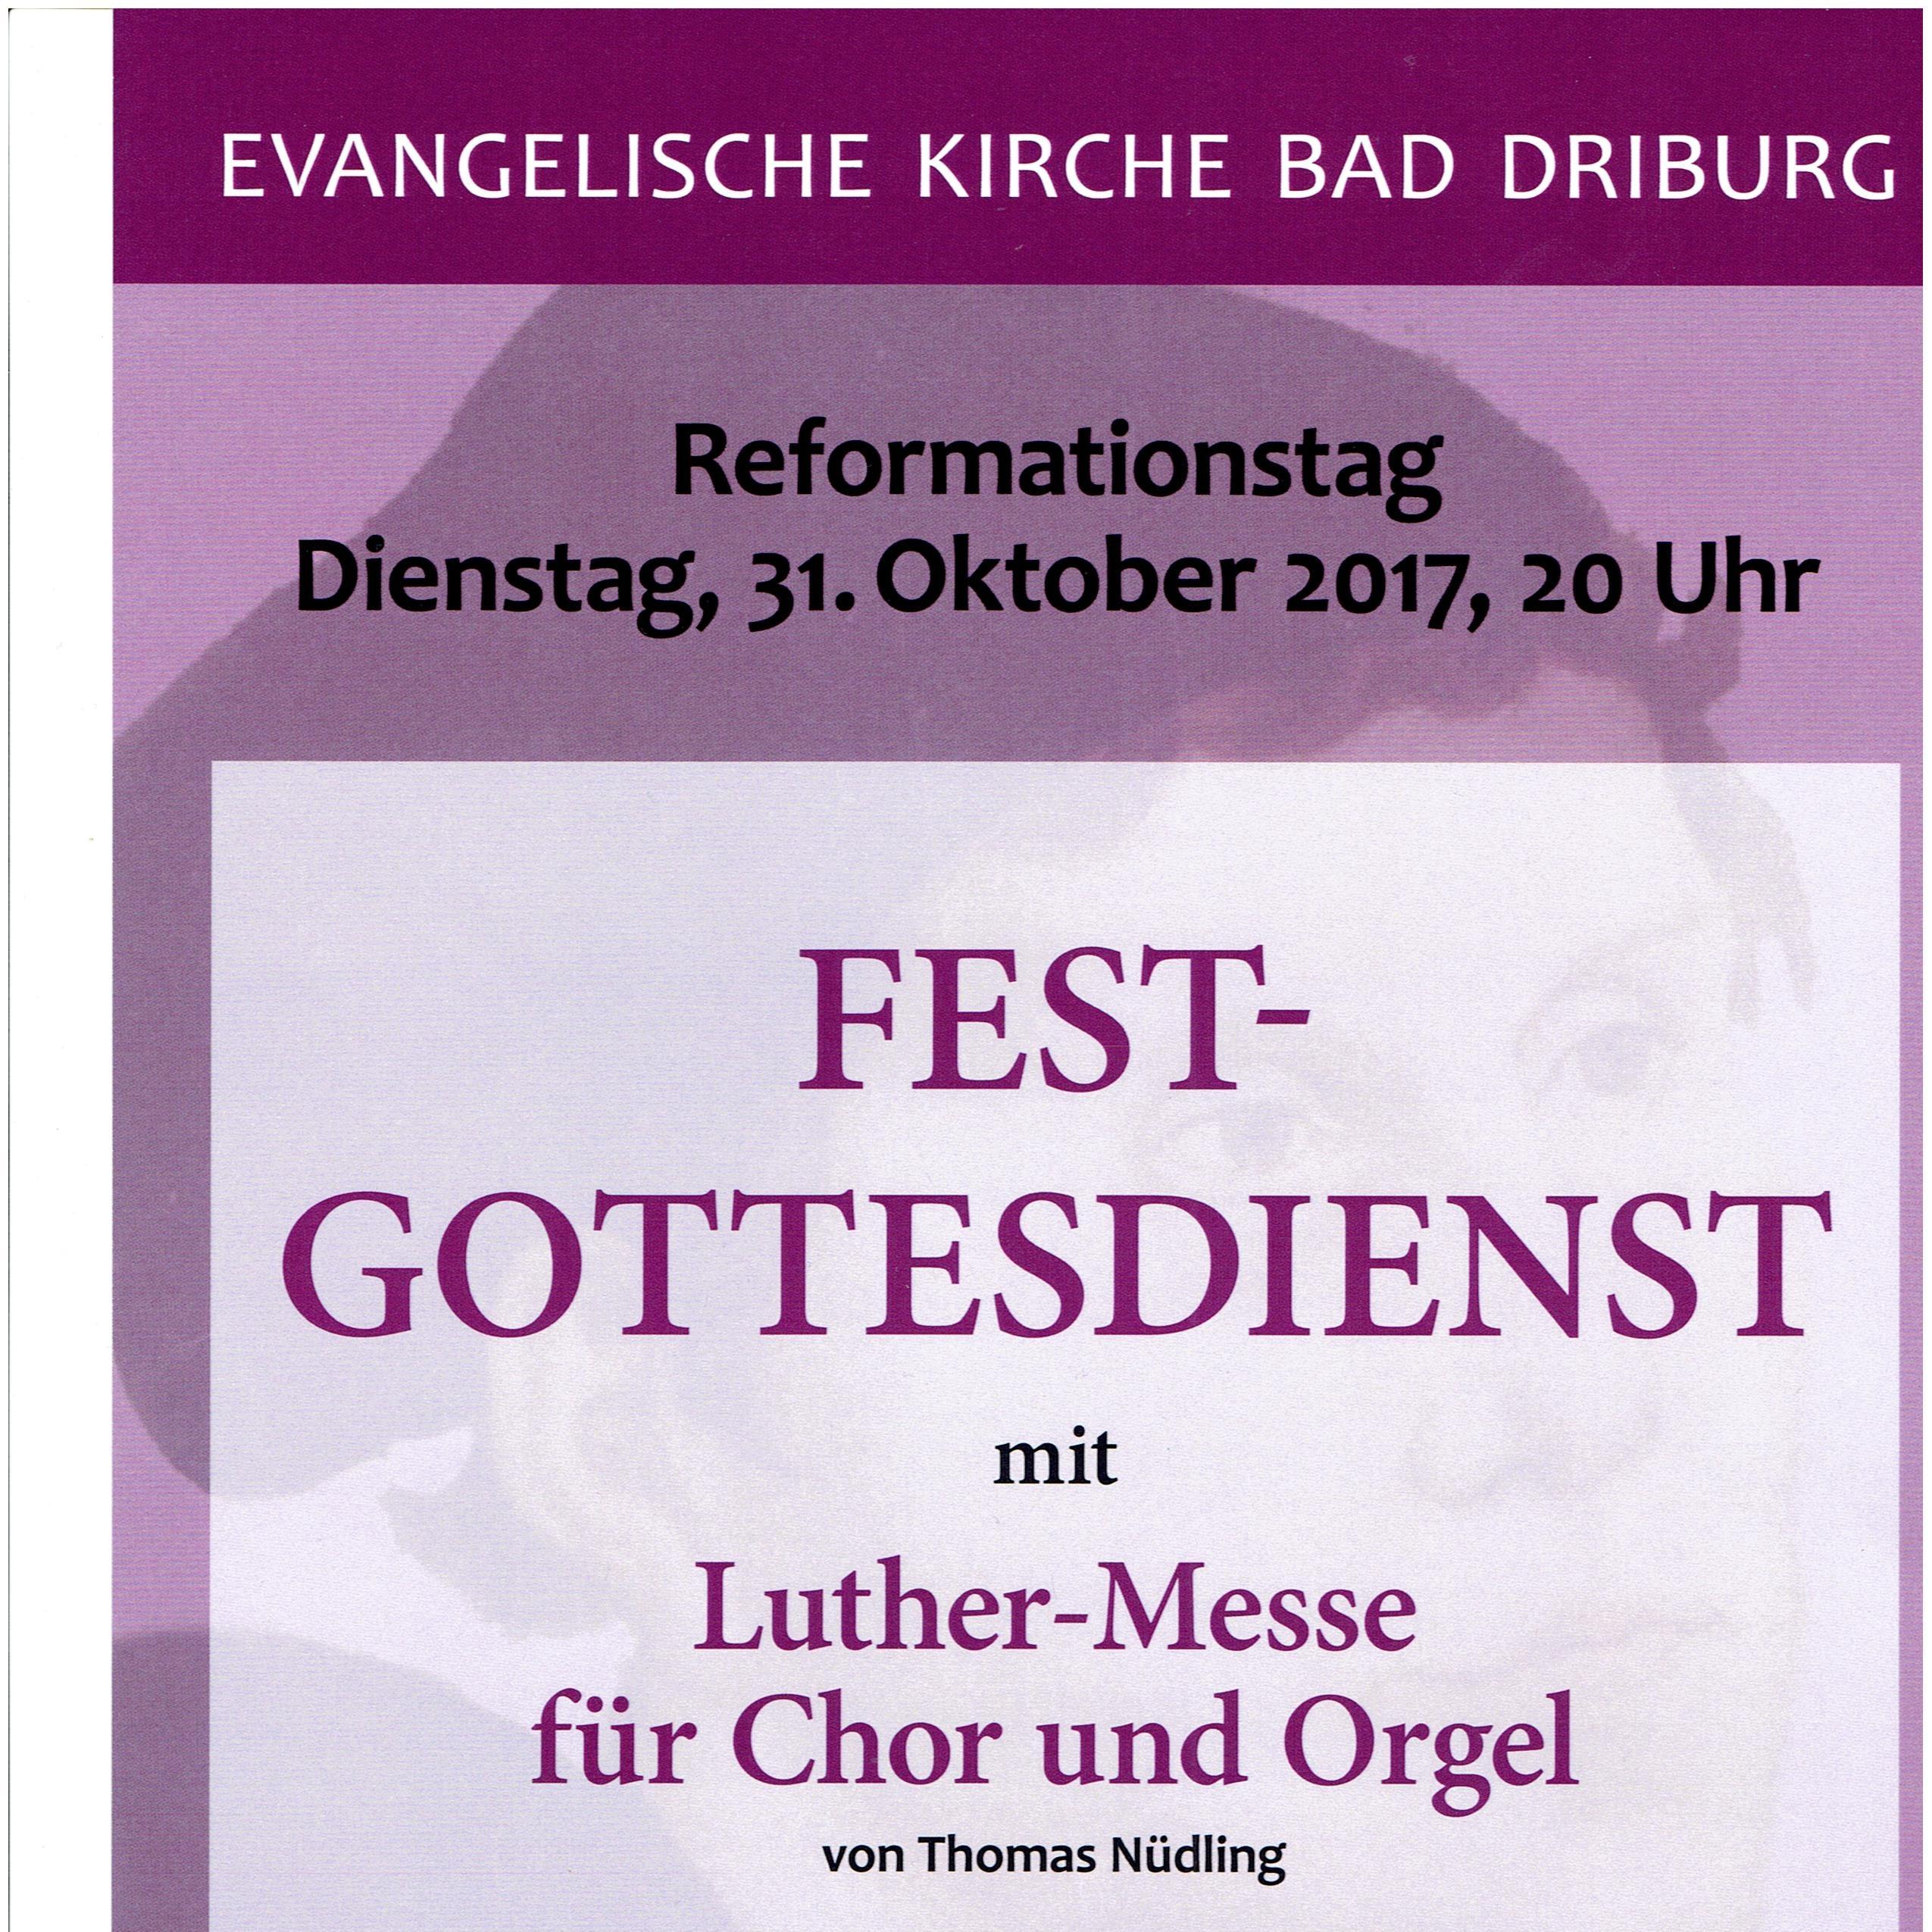 Am Reformationstag in Bad Driburg Luther-Messe für Chor und Orgel